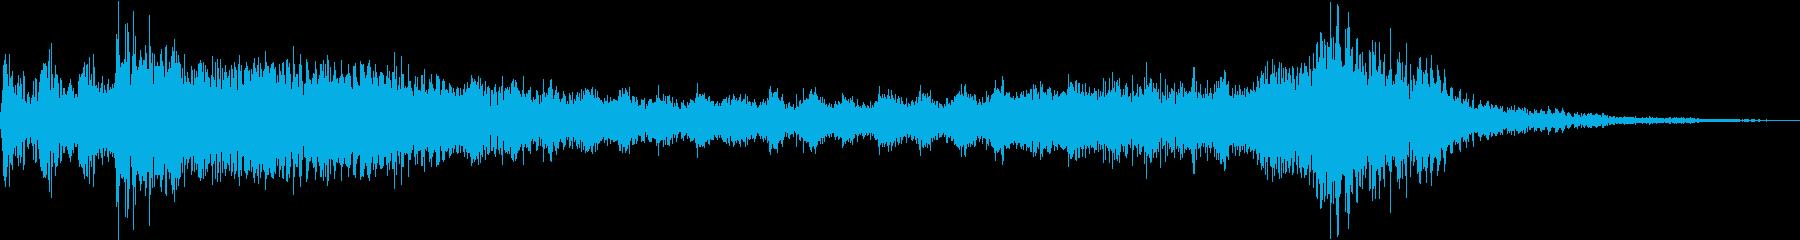 追跡タグの再生済みの波形